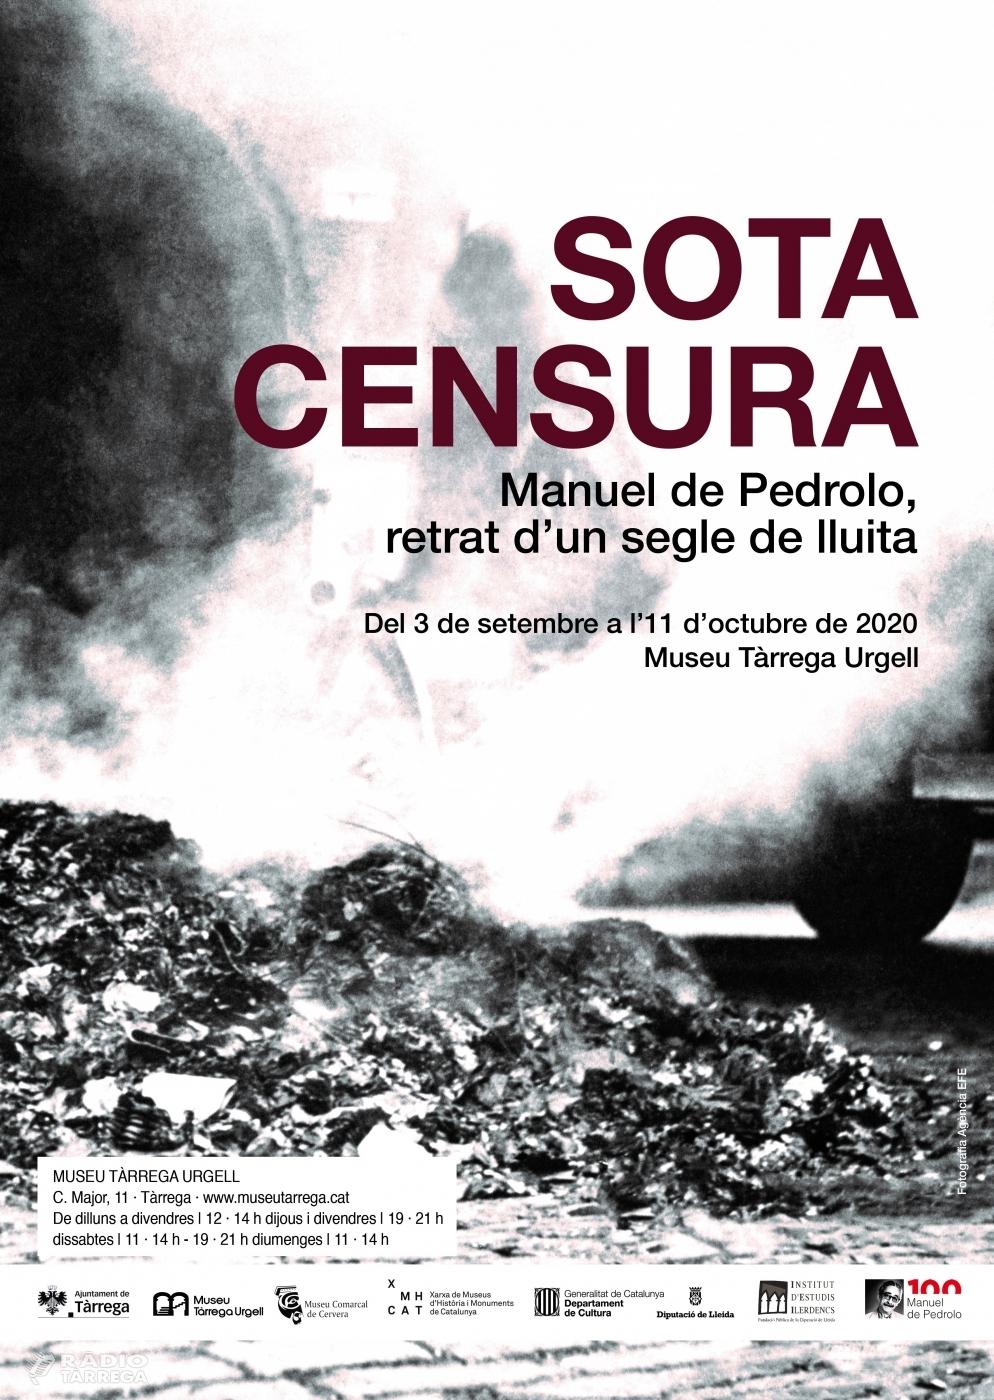 El Museu Tàrrega Urgell obre al públic una nova exposició sobre l'escriptor Manuel de Pedrolo a partir del 3 de setembre